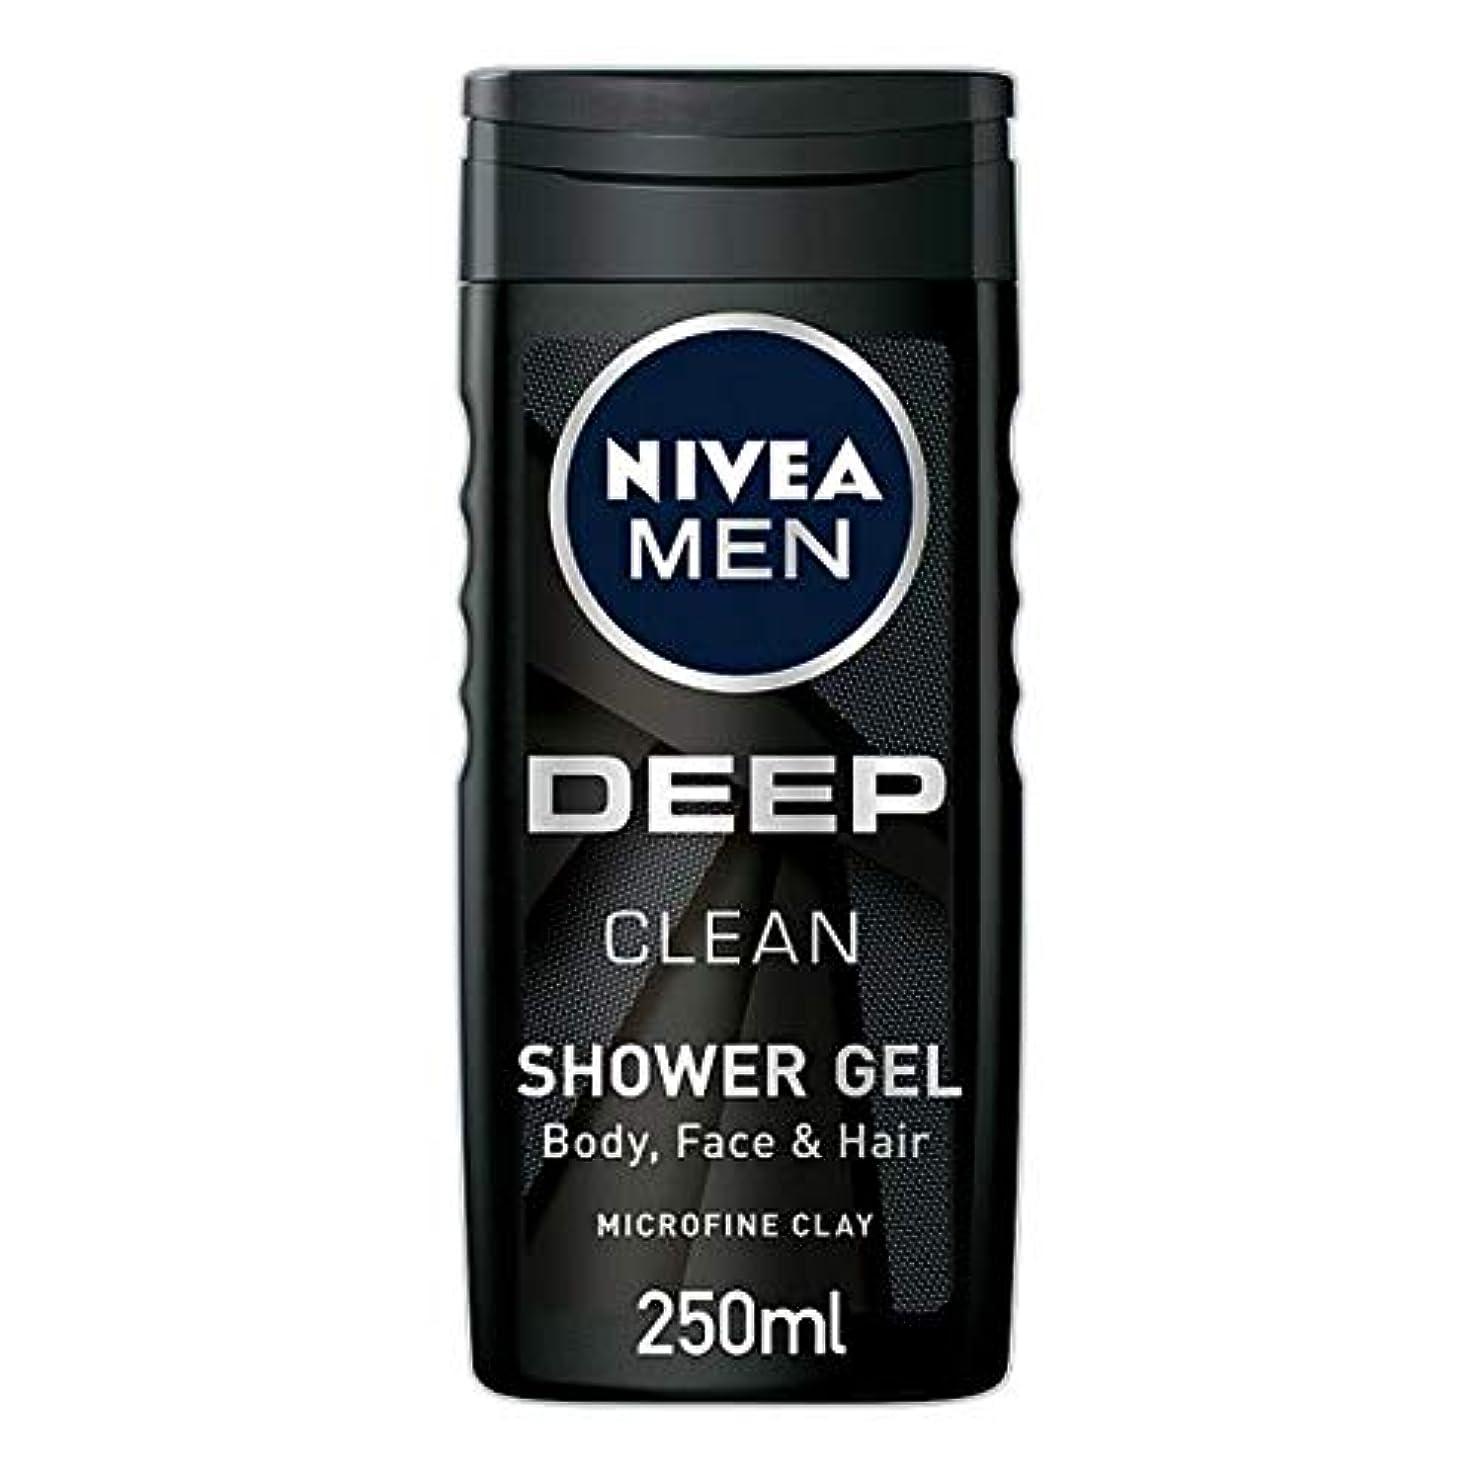 円周キャンプラメ[Nivea] ニベア男性用シャワージェル深いきれいな250ミリリットル - Nivea Men Shower Gel Deep Clean 250Ml [並行輸入品]